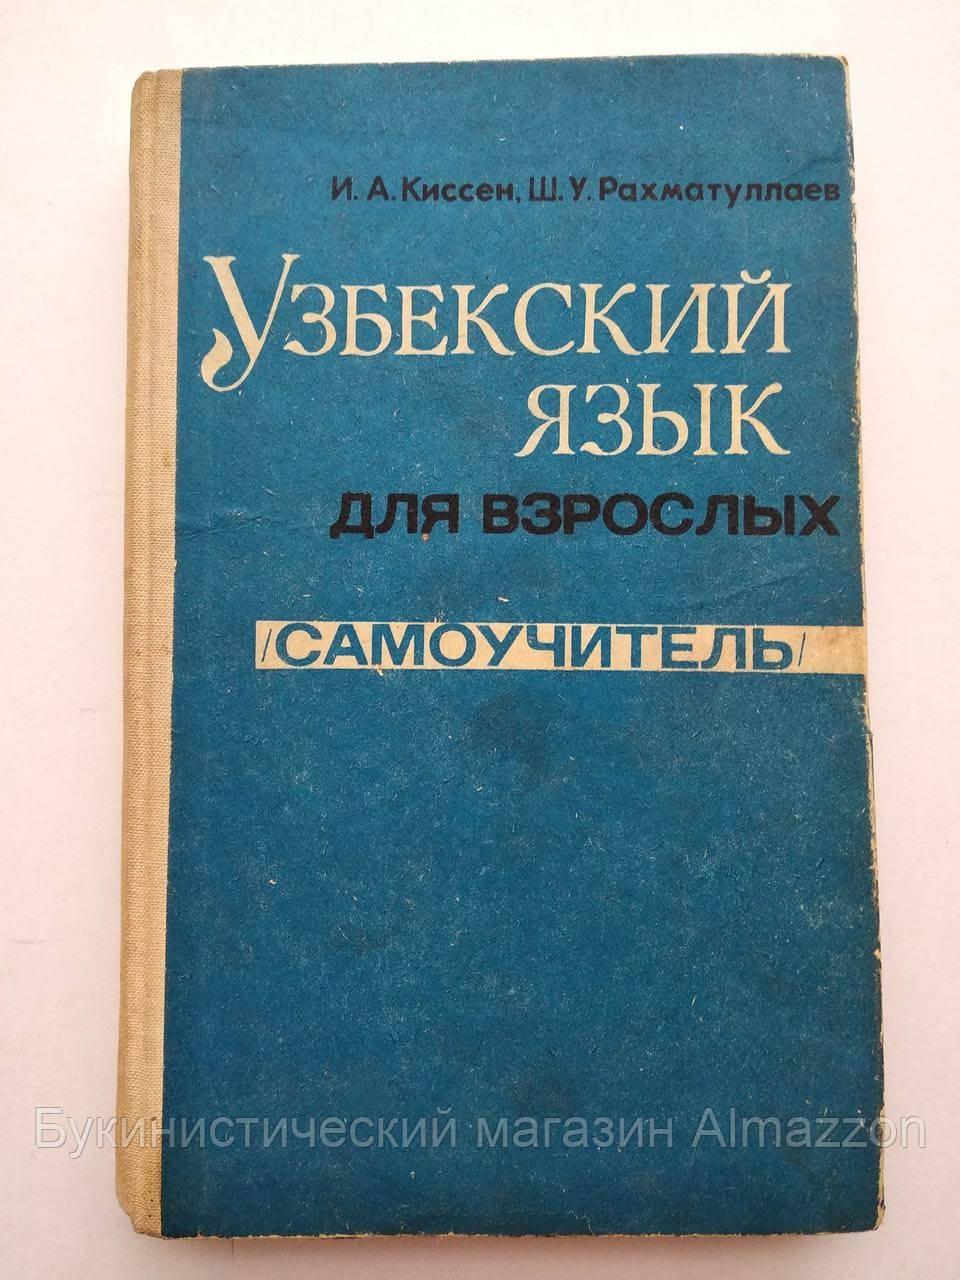 Узбекский язык для взрослых. Самоучитель. И.А.Киссен, фото 1